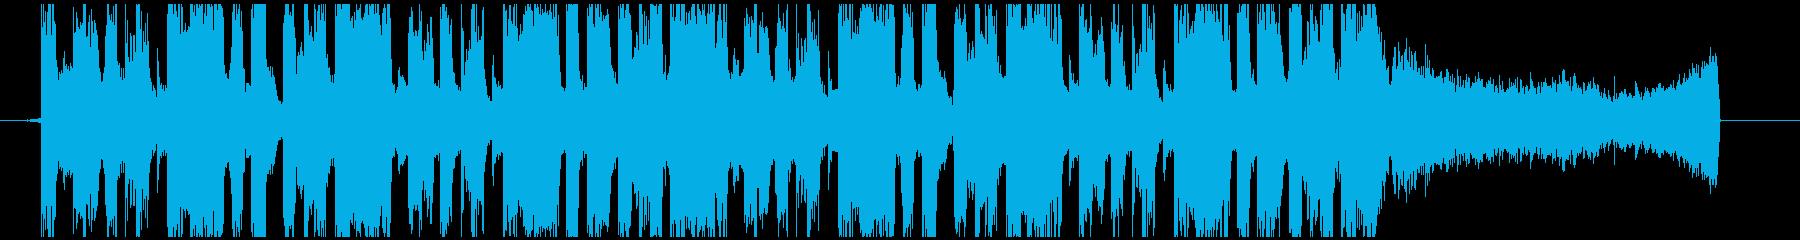 デジタルサウンドで近未来的なEDMの再生済みの波形